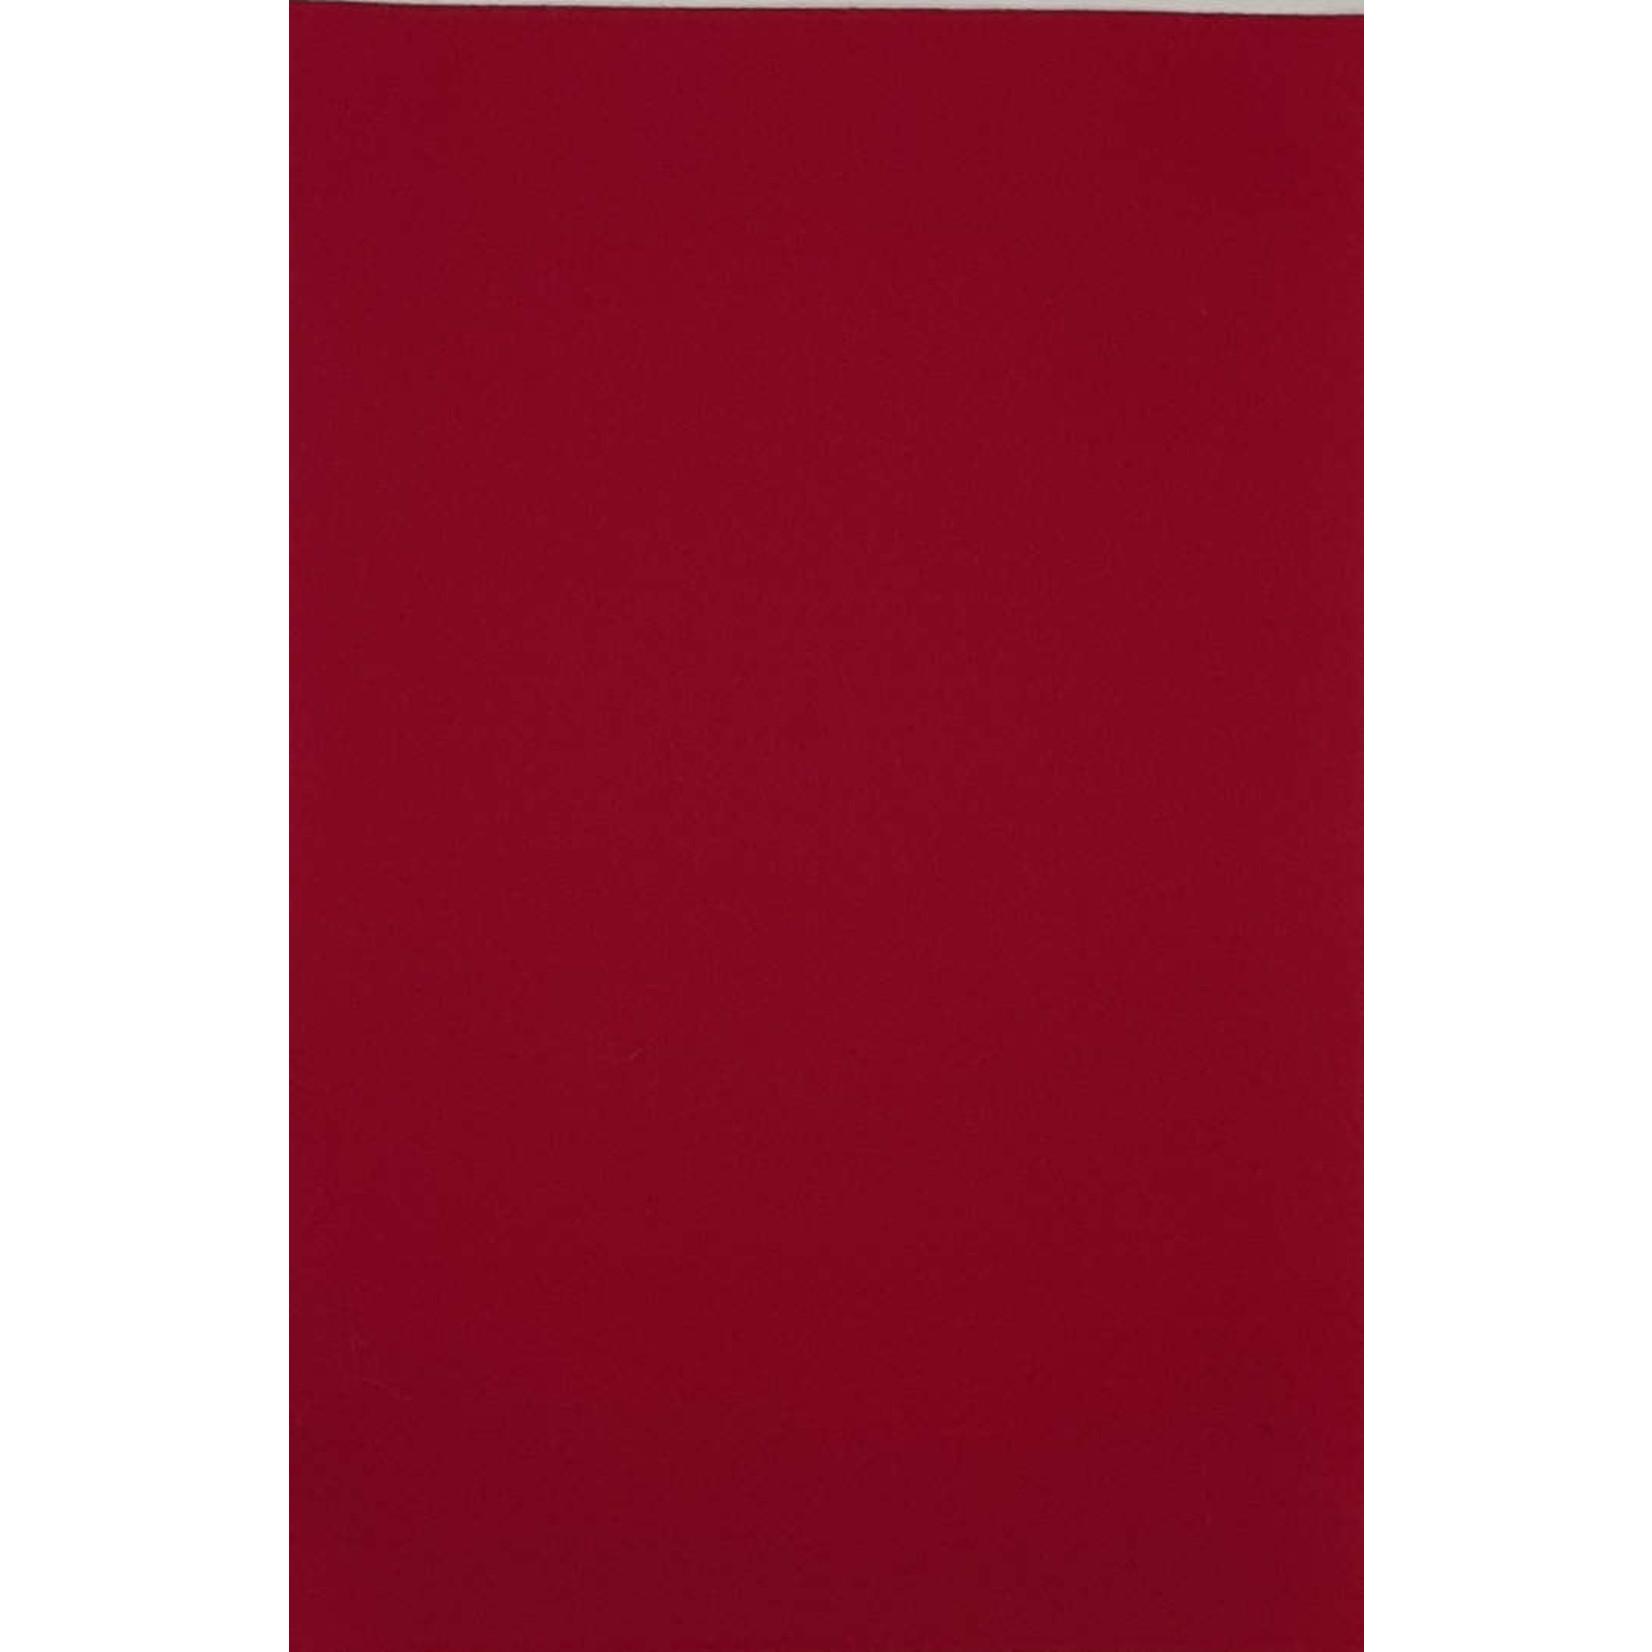 HollandFelt Wolvilt - lapje 20 x 30 cm. - kleur 08  Donkerfuchsia - zuiver scheerwol- 1 mm. dik